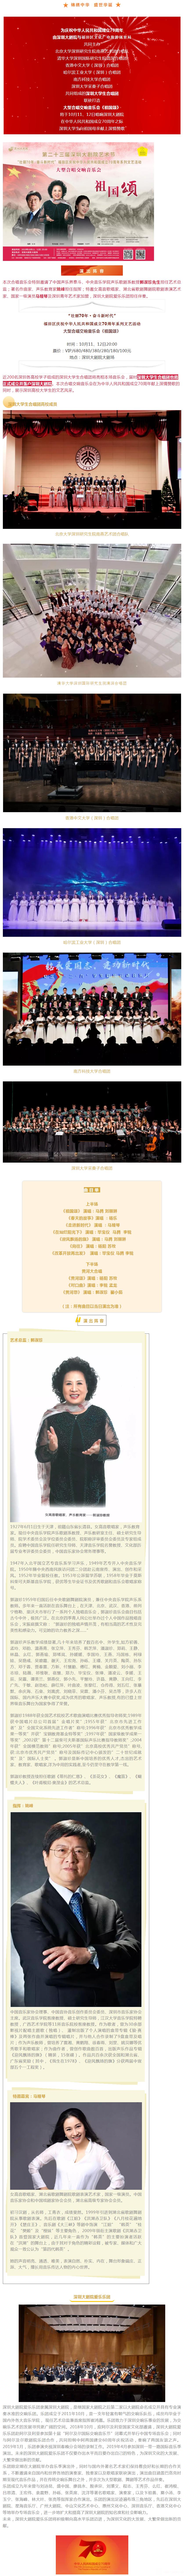 11深圳大学生合唱团闪亮首秀-_-深情颂歌献礼祖国70周年华诞.png